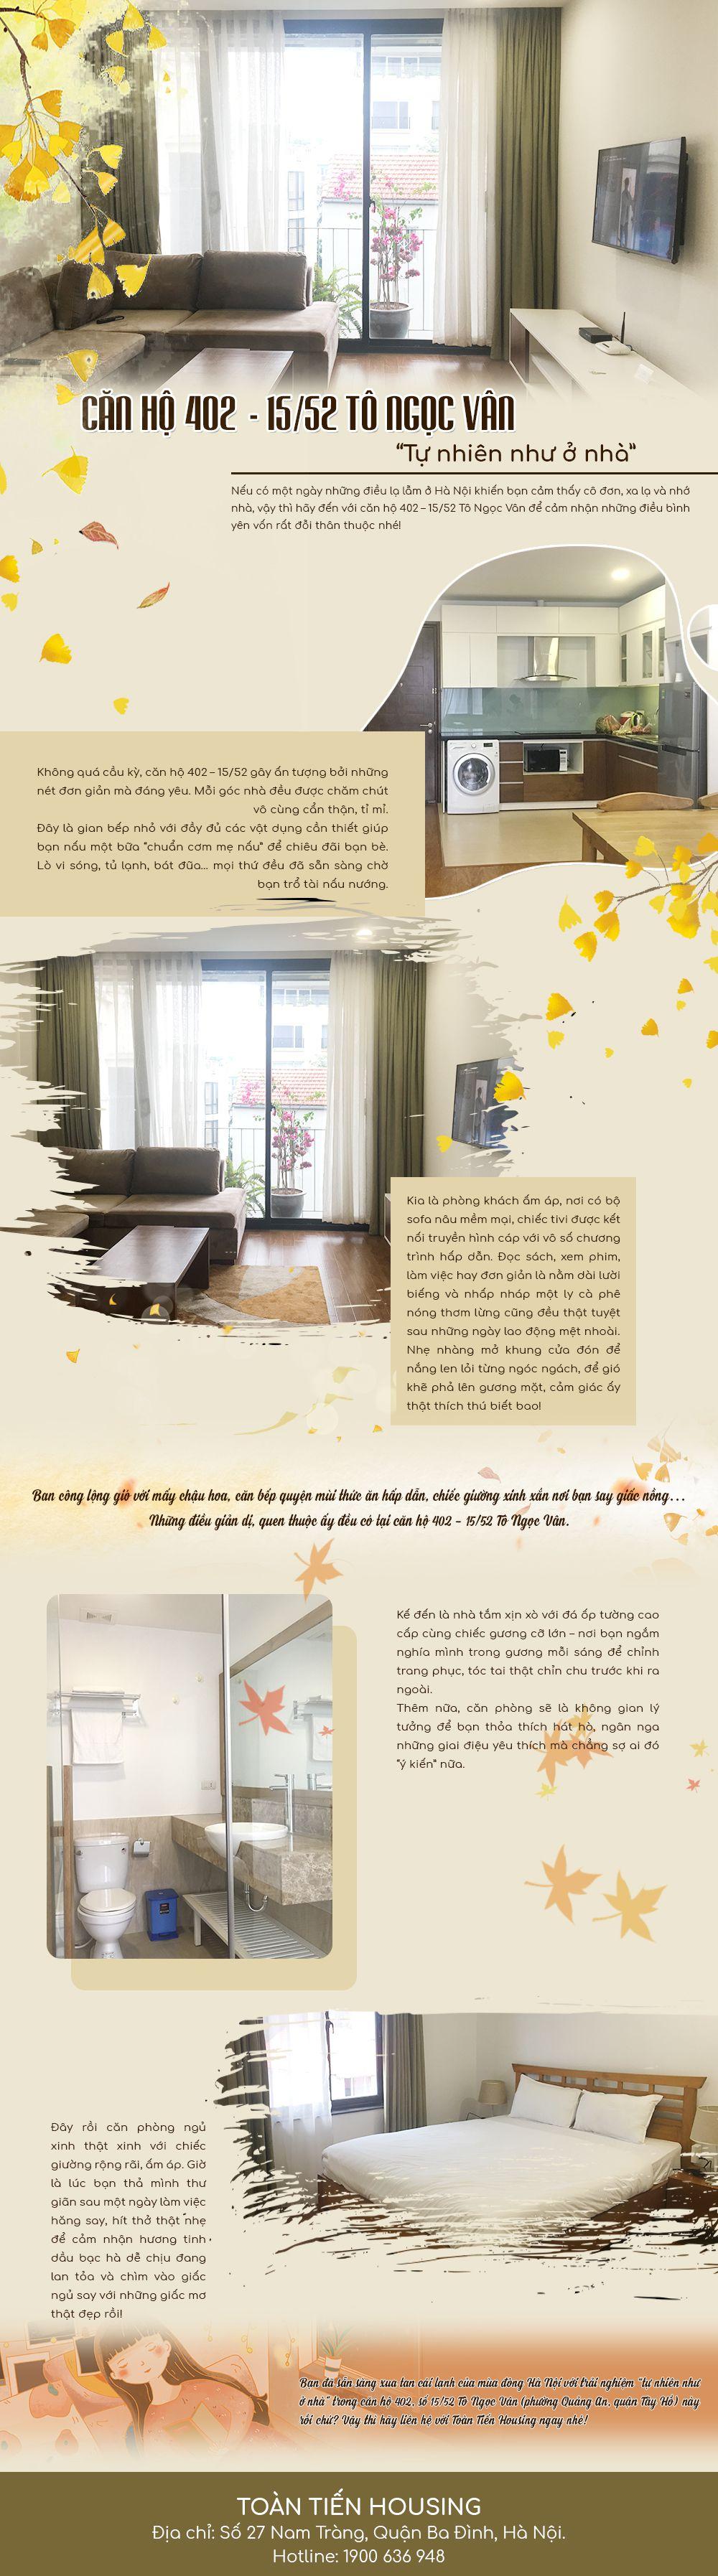 Căn hộ 402 - 15/52 Tô Ngọc Vân - mang đến cảm giác tự nhiên như ở nhà cho mọi du khách